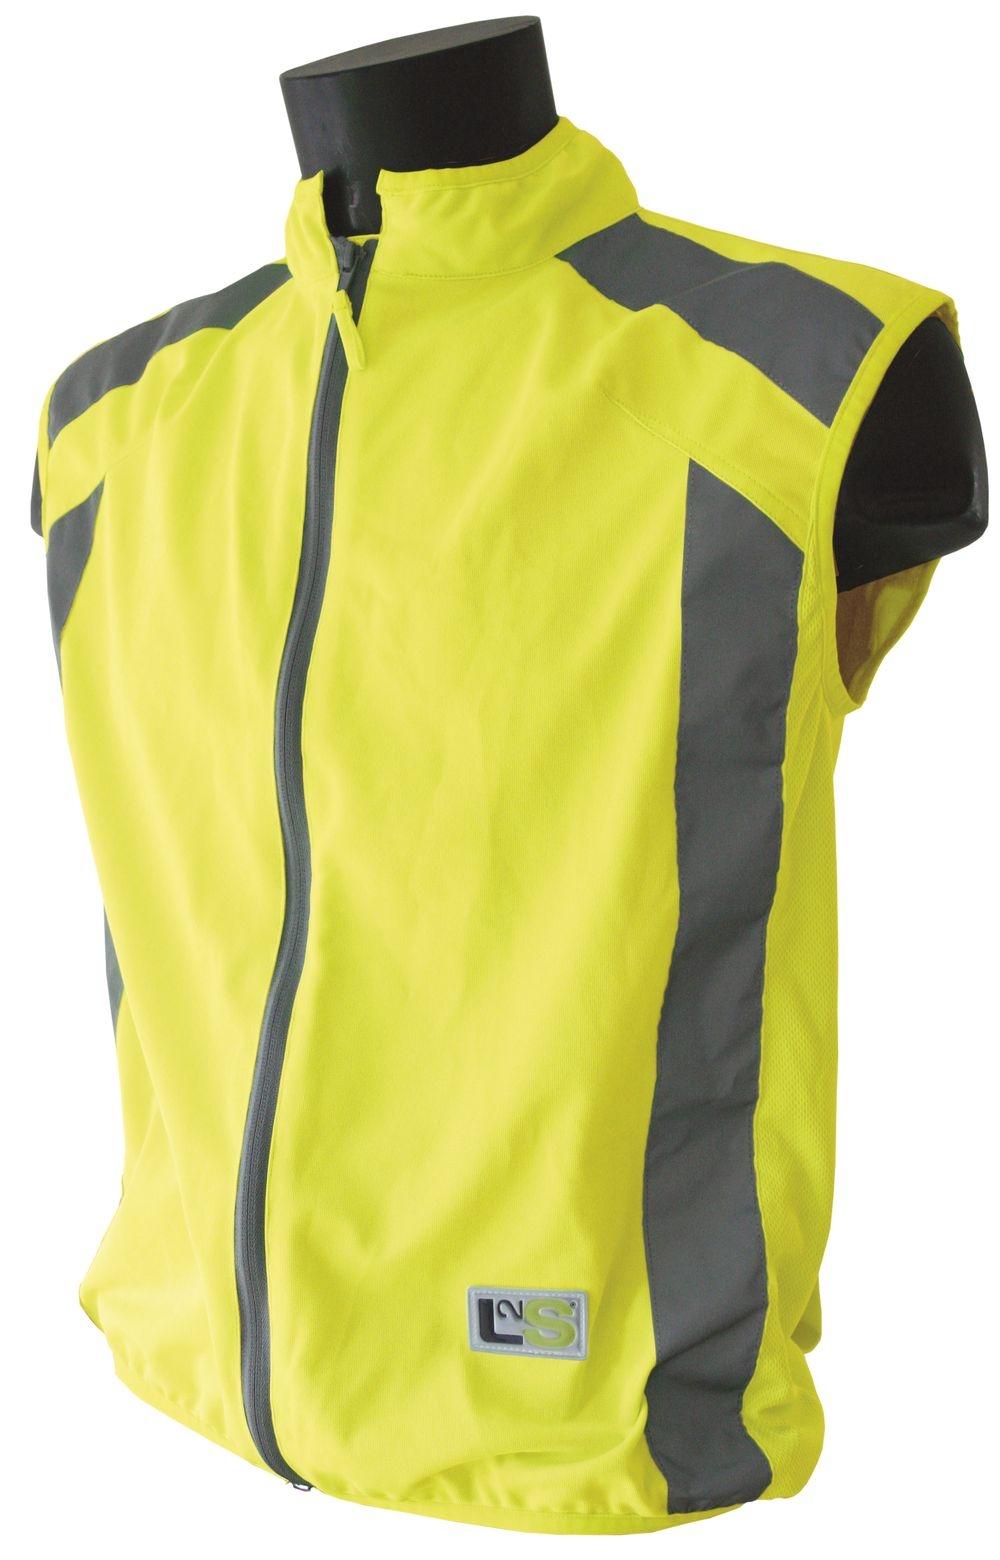 Gilet de sécurité sport L2S Visioplus Jaune fluorescent - S